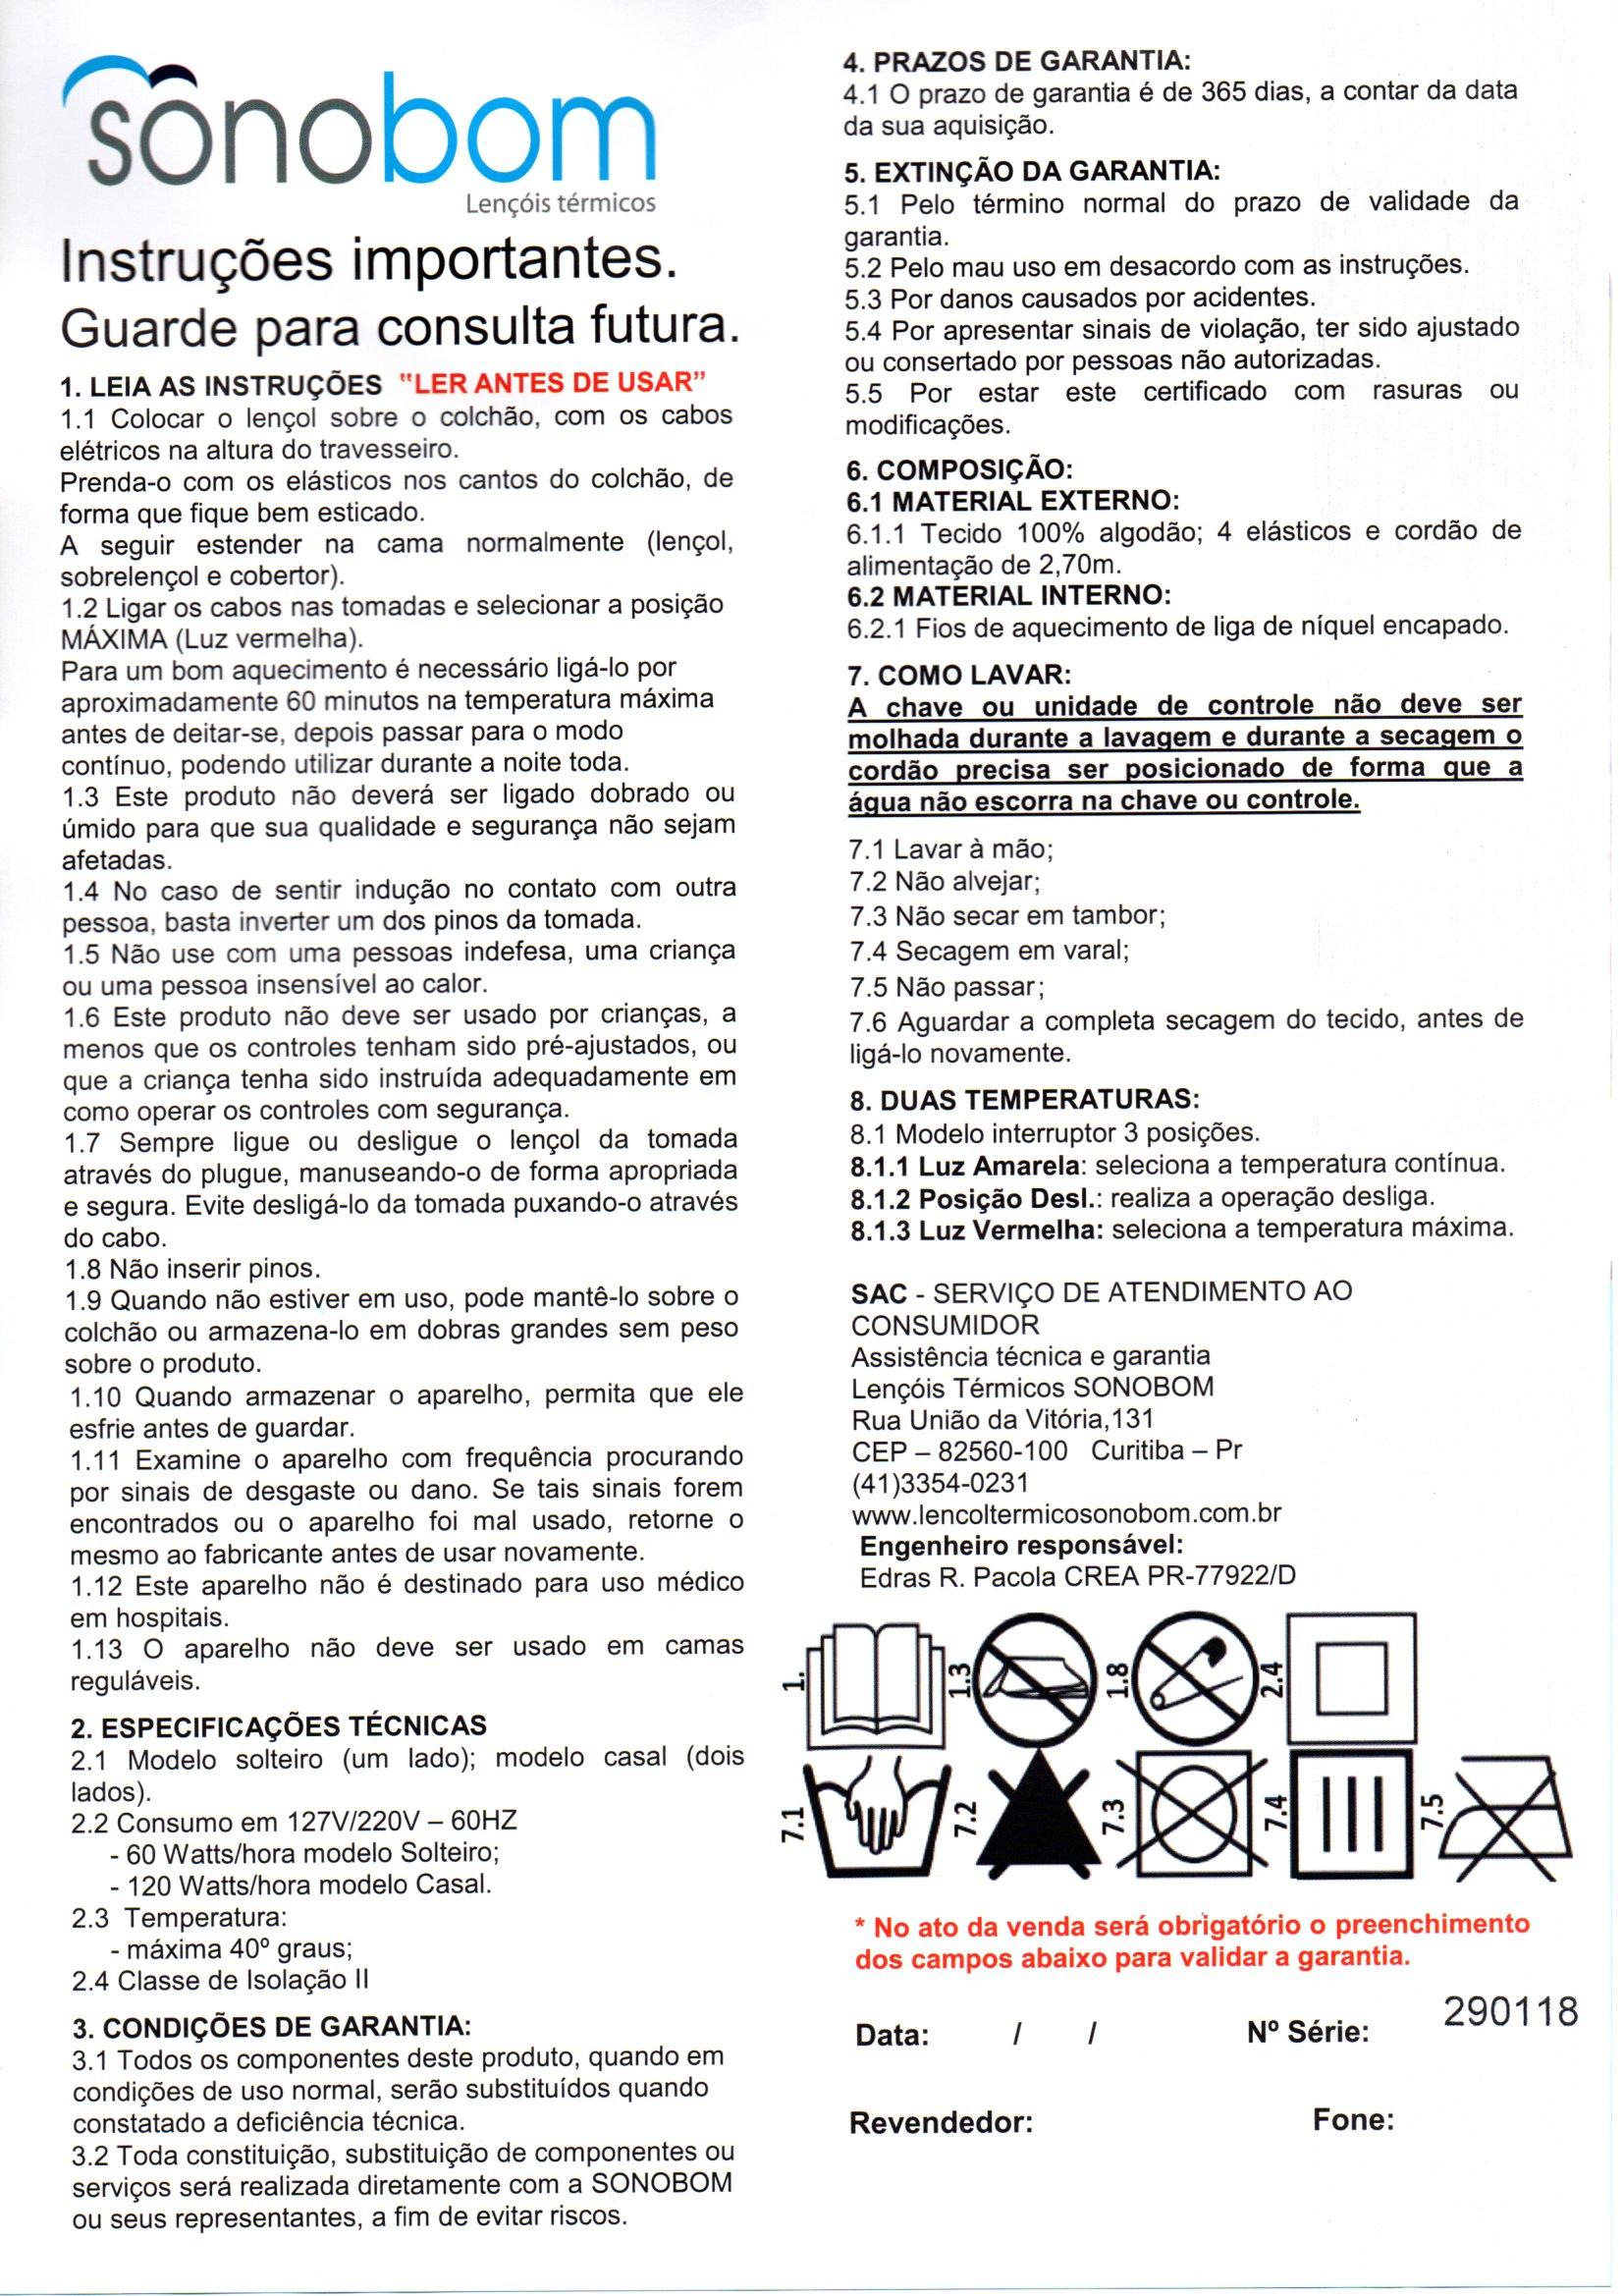 Polisani Materiais Médicos - LENCOL TERMICO QUEEN 1,55X1,75 110V SONOBOM